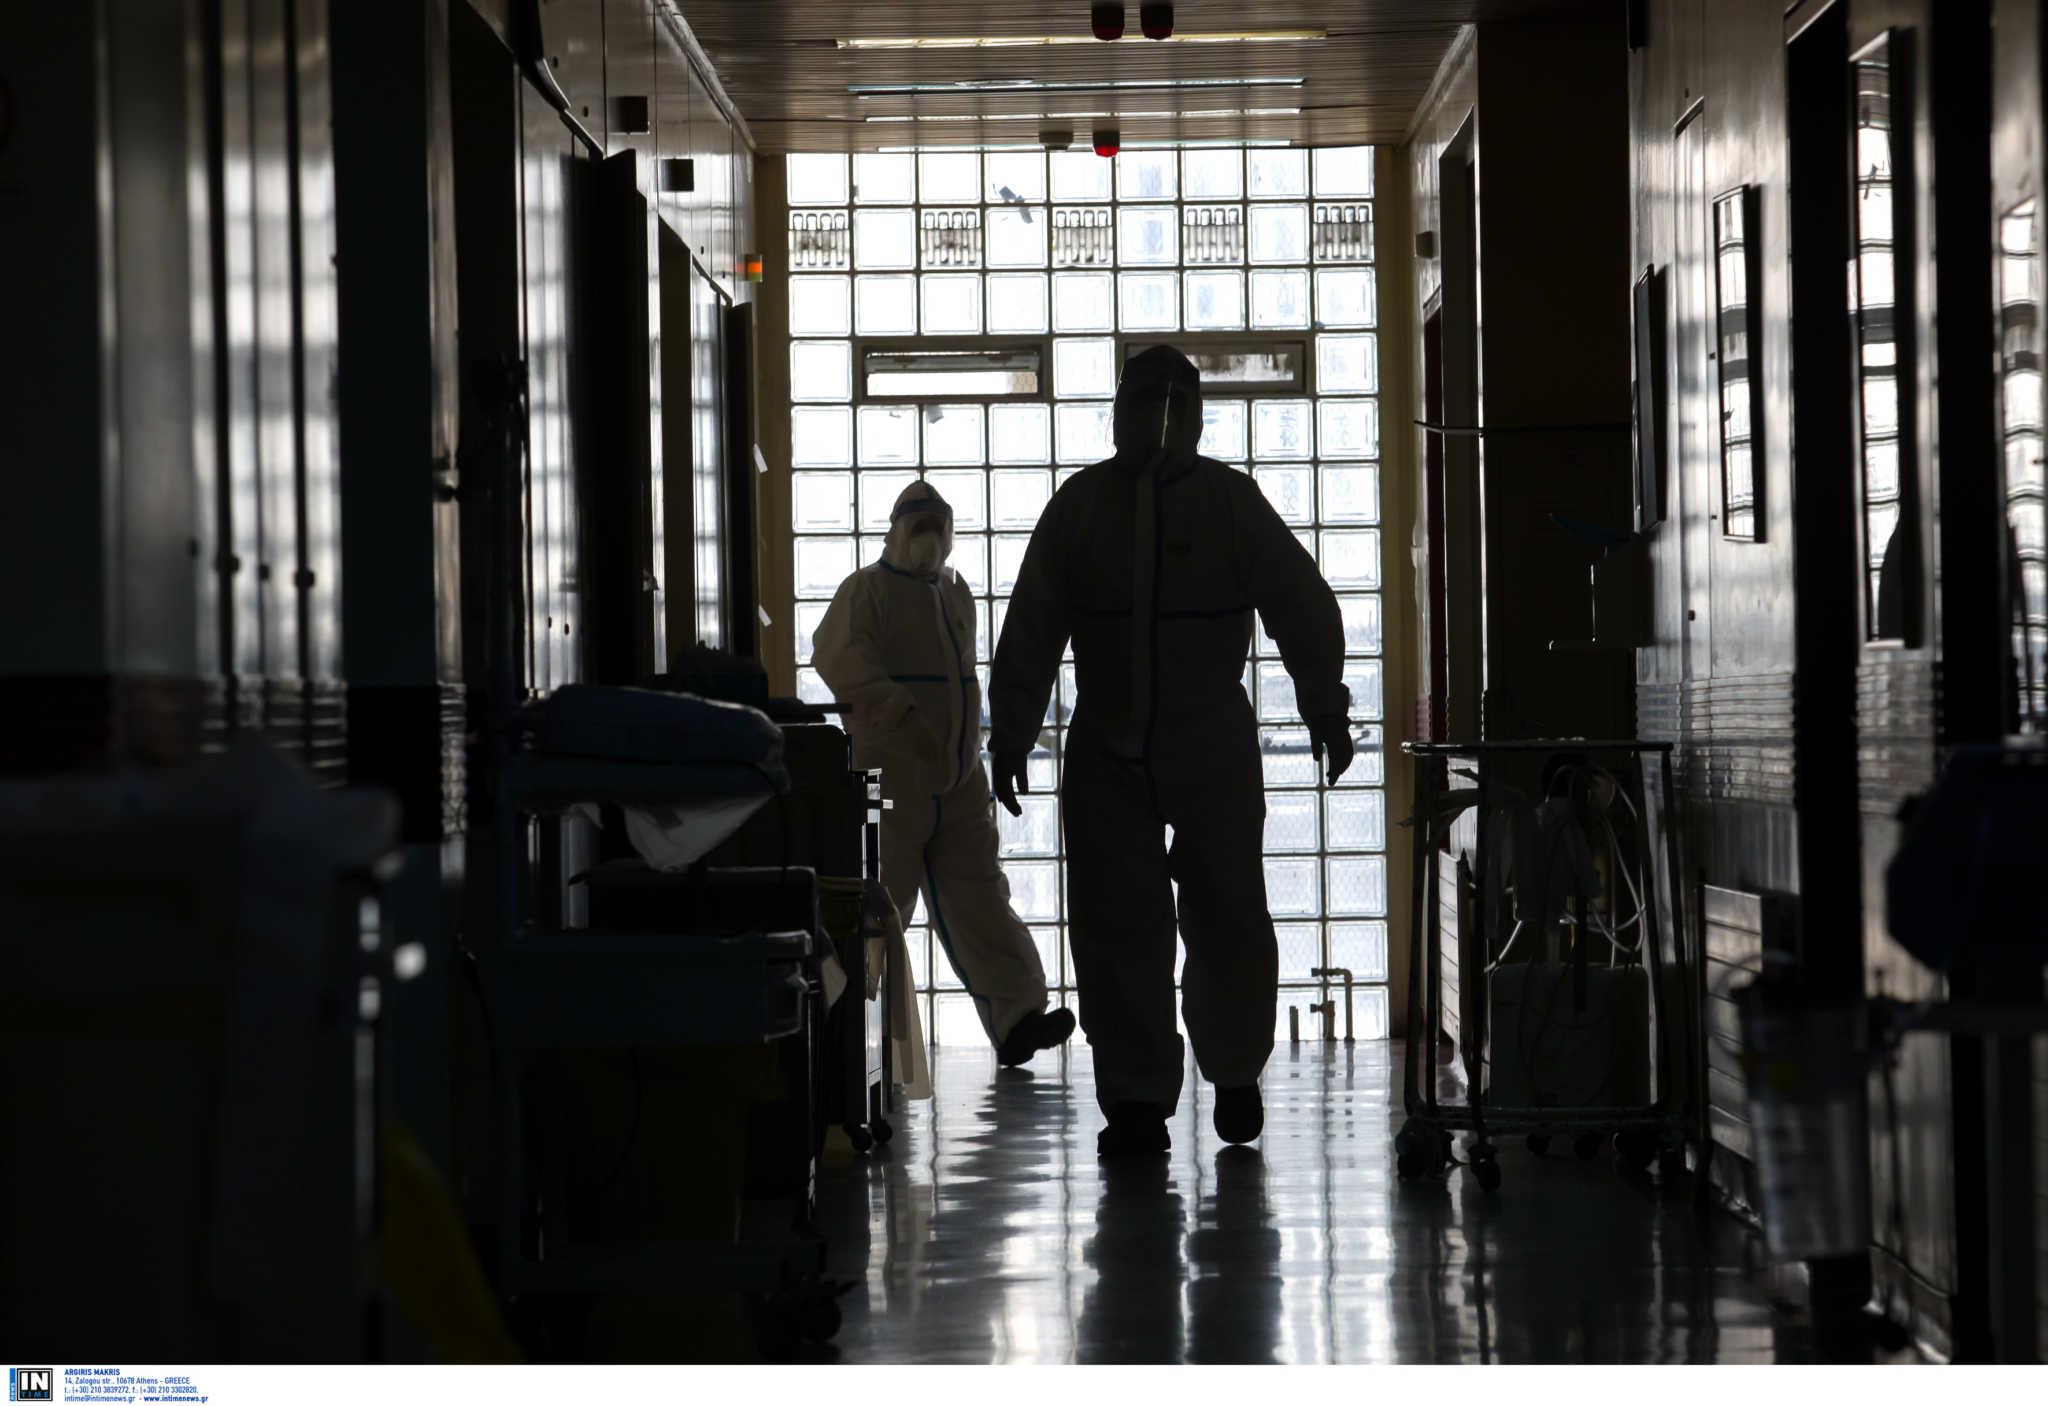 52 νέα κρούσματα κορονοϊού στην Ελλάδα σήμερα κι ακόμη ένας νεκρός